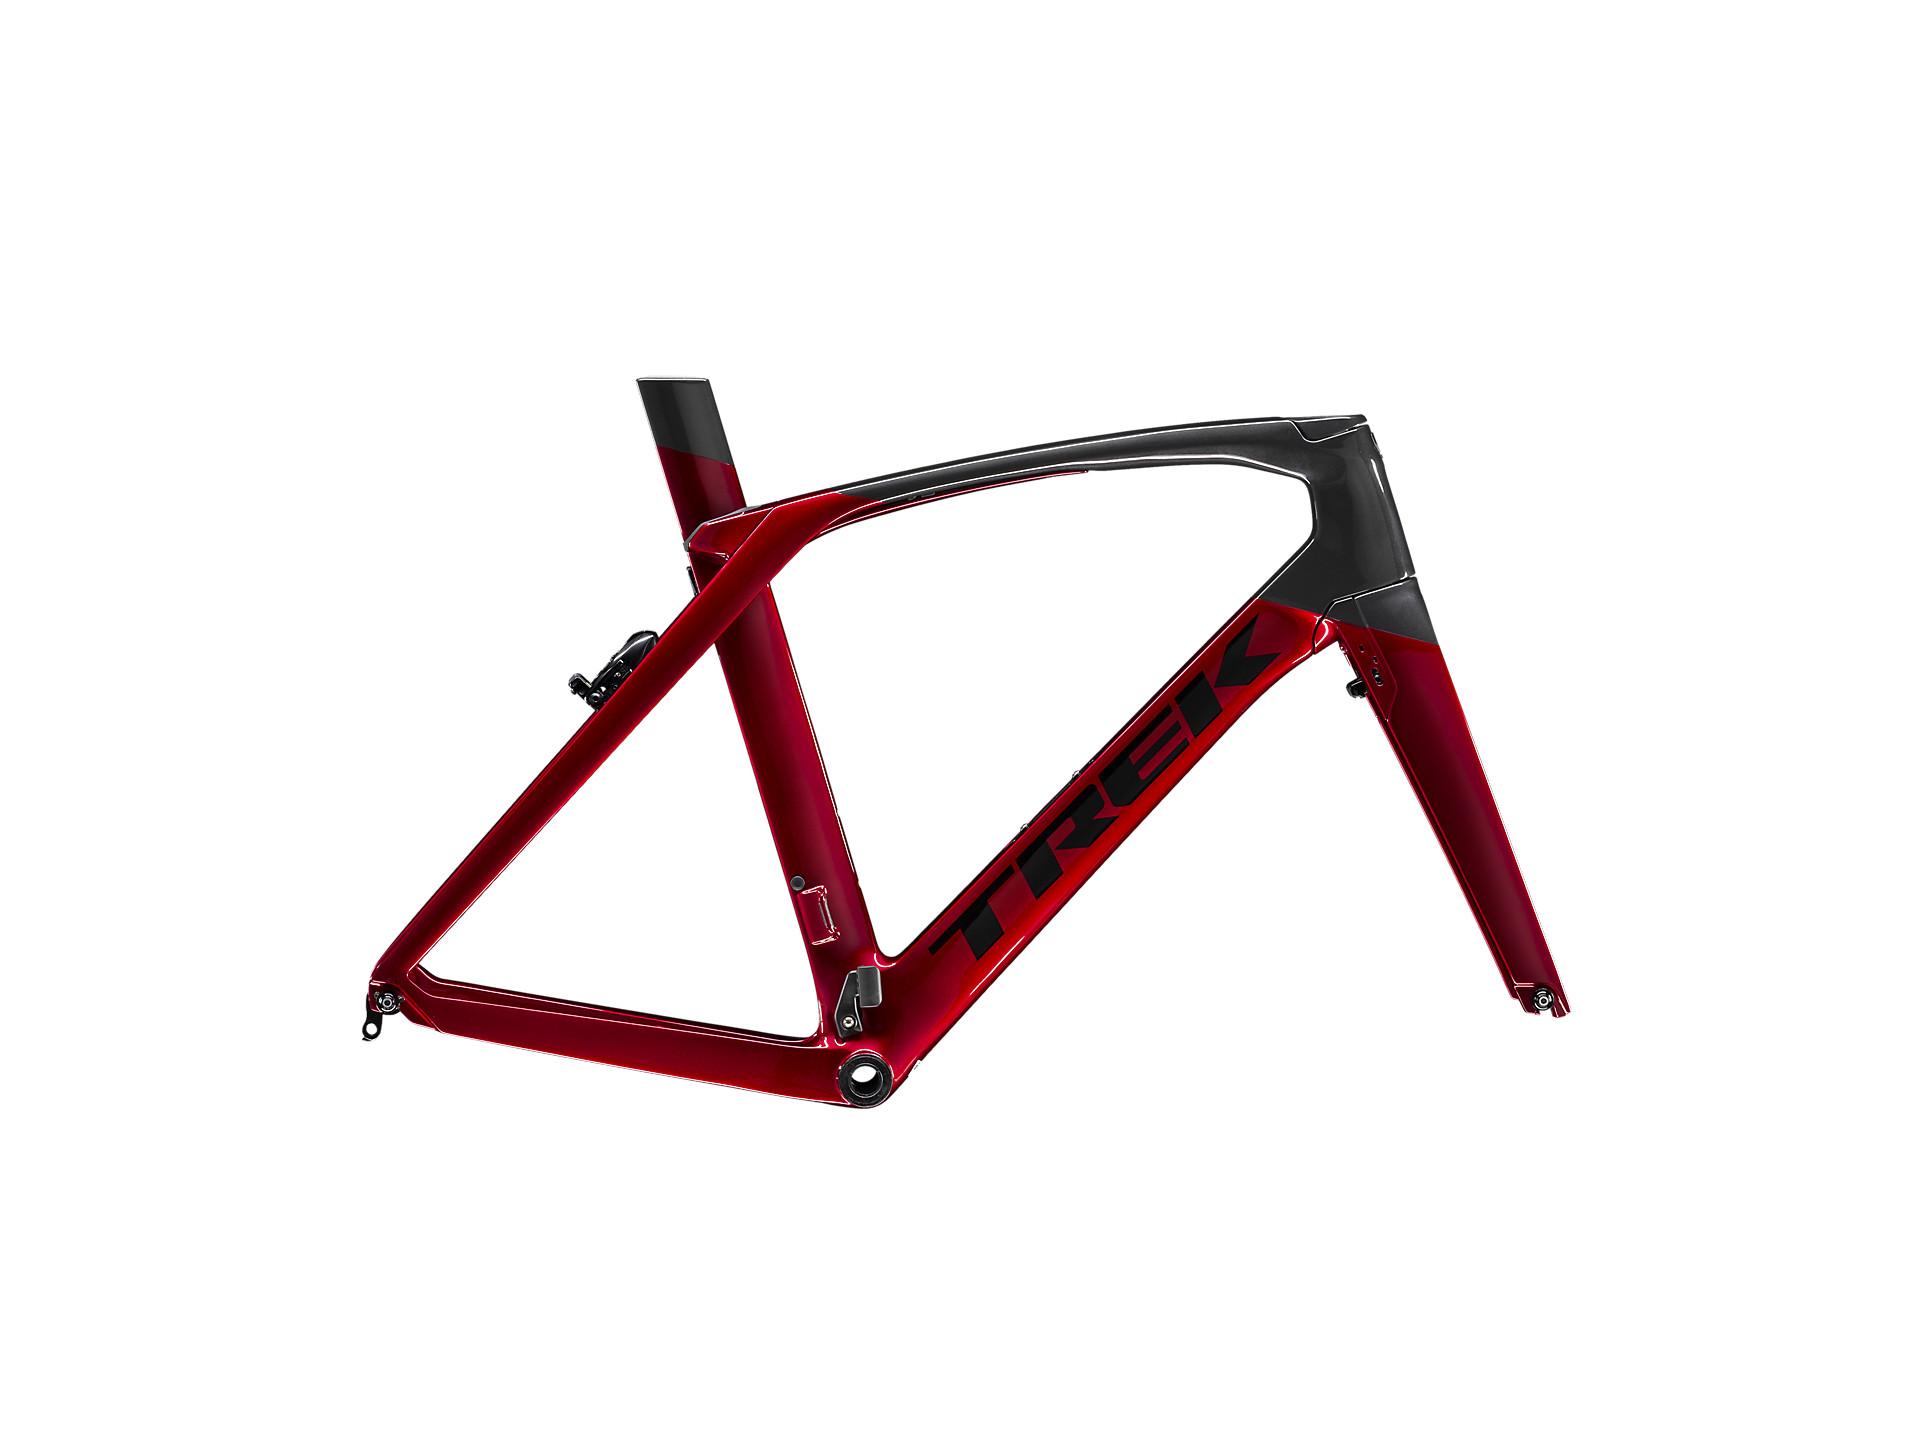 7847f0aa480 Madone SLR Frameset | Trek Bikes